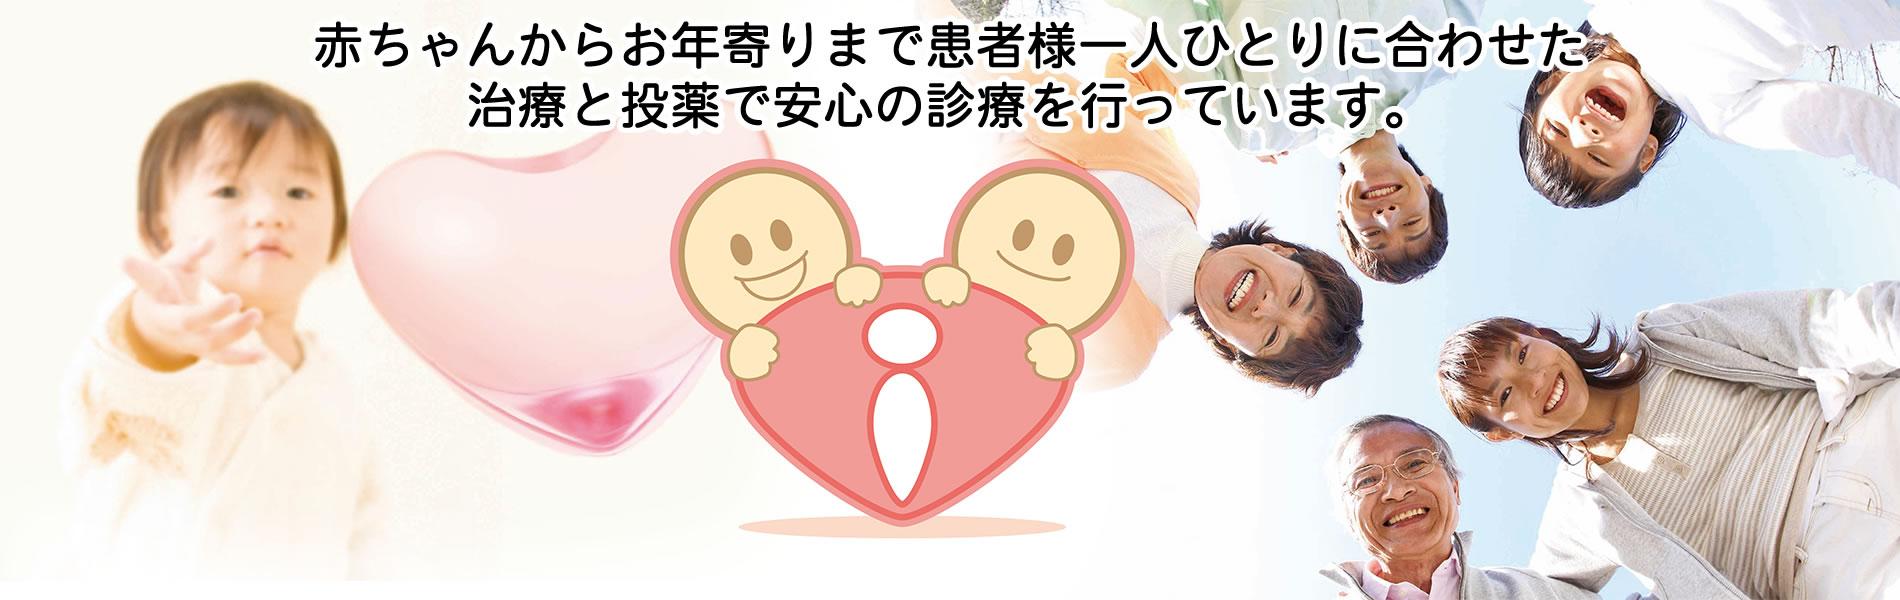 浜松市中区の飯尾皮膚科医院です。当医院では赤ちゃんからお年寄りまで患者様一人一人に合わせた治療と投薬で安心の診療を行っています。